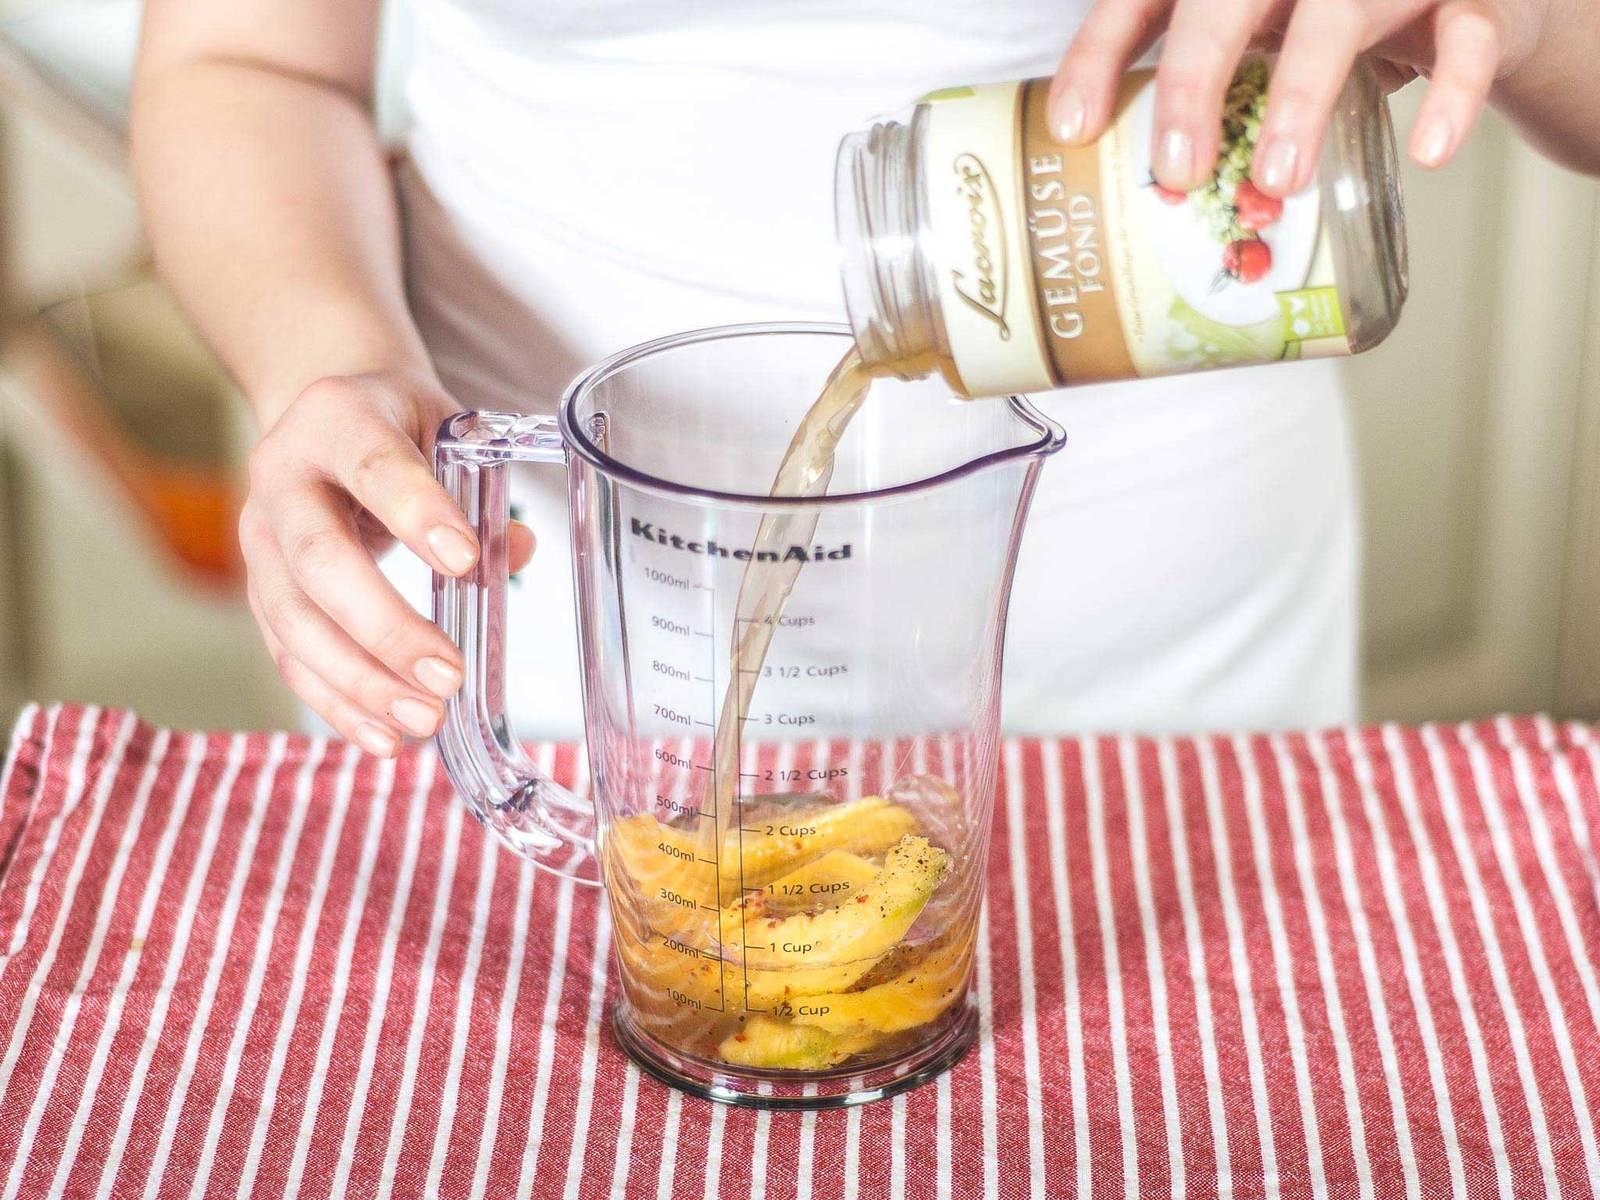 沙拉调味汁的制做:将剩余的芒果、蔬菜高汤、白酒醋、植物油、辣椒粉、少许盐与胡椒粉放入深量杯中,用手持搅拌机搅拌成浆即可。